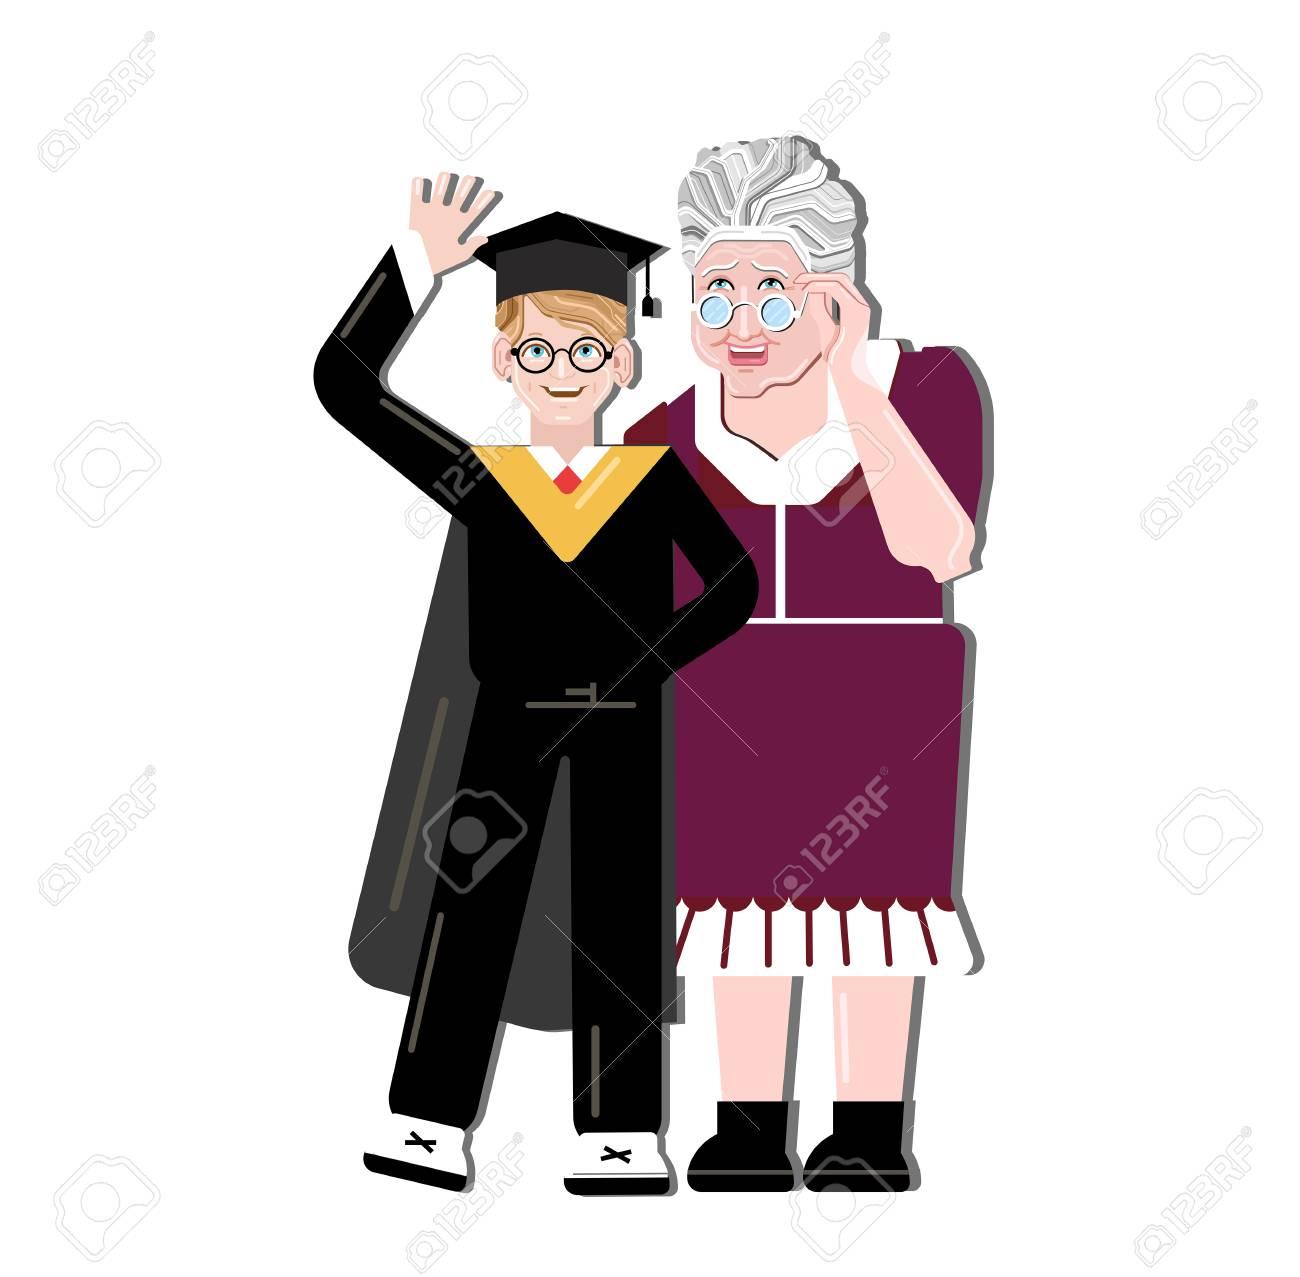 Großmutter glücklich für Enkel. Kleiner Junge, der auf Oma-Schultern steht.  Generationen und Familienliebe und Glück. Akademische Kappen oder